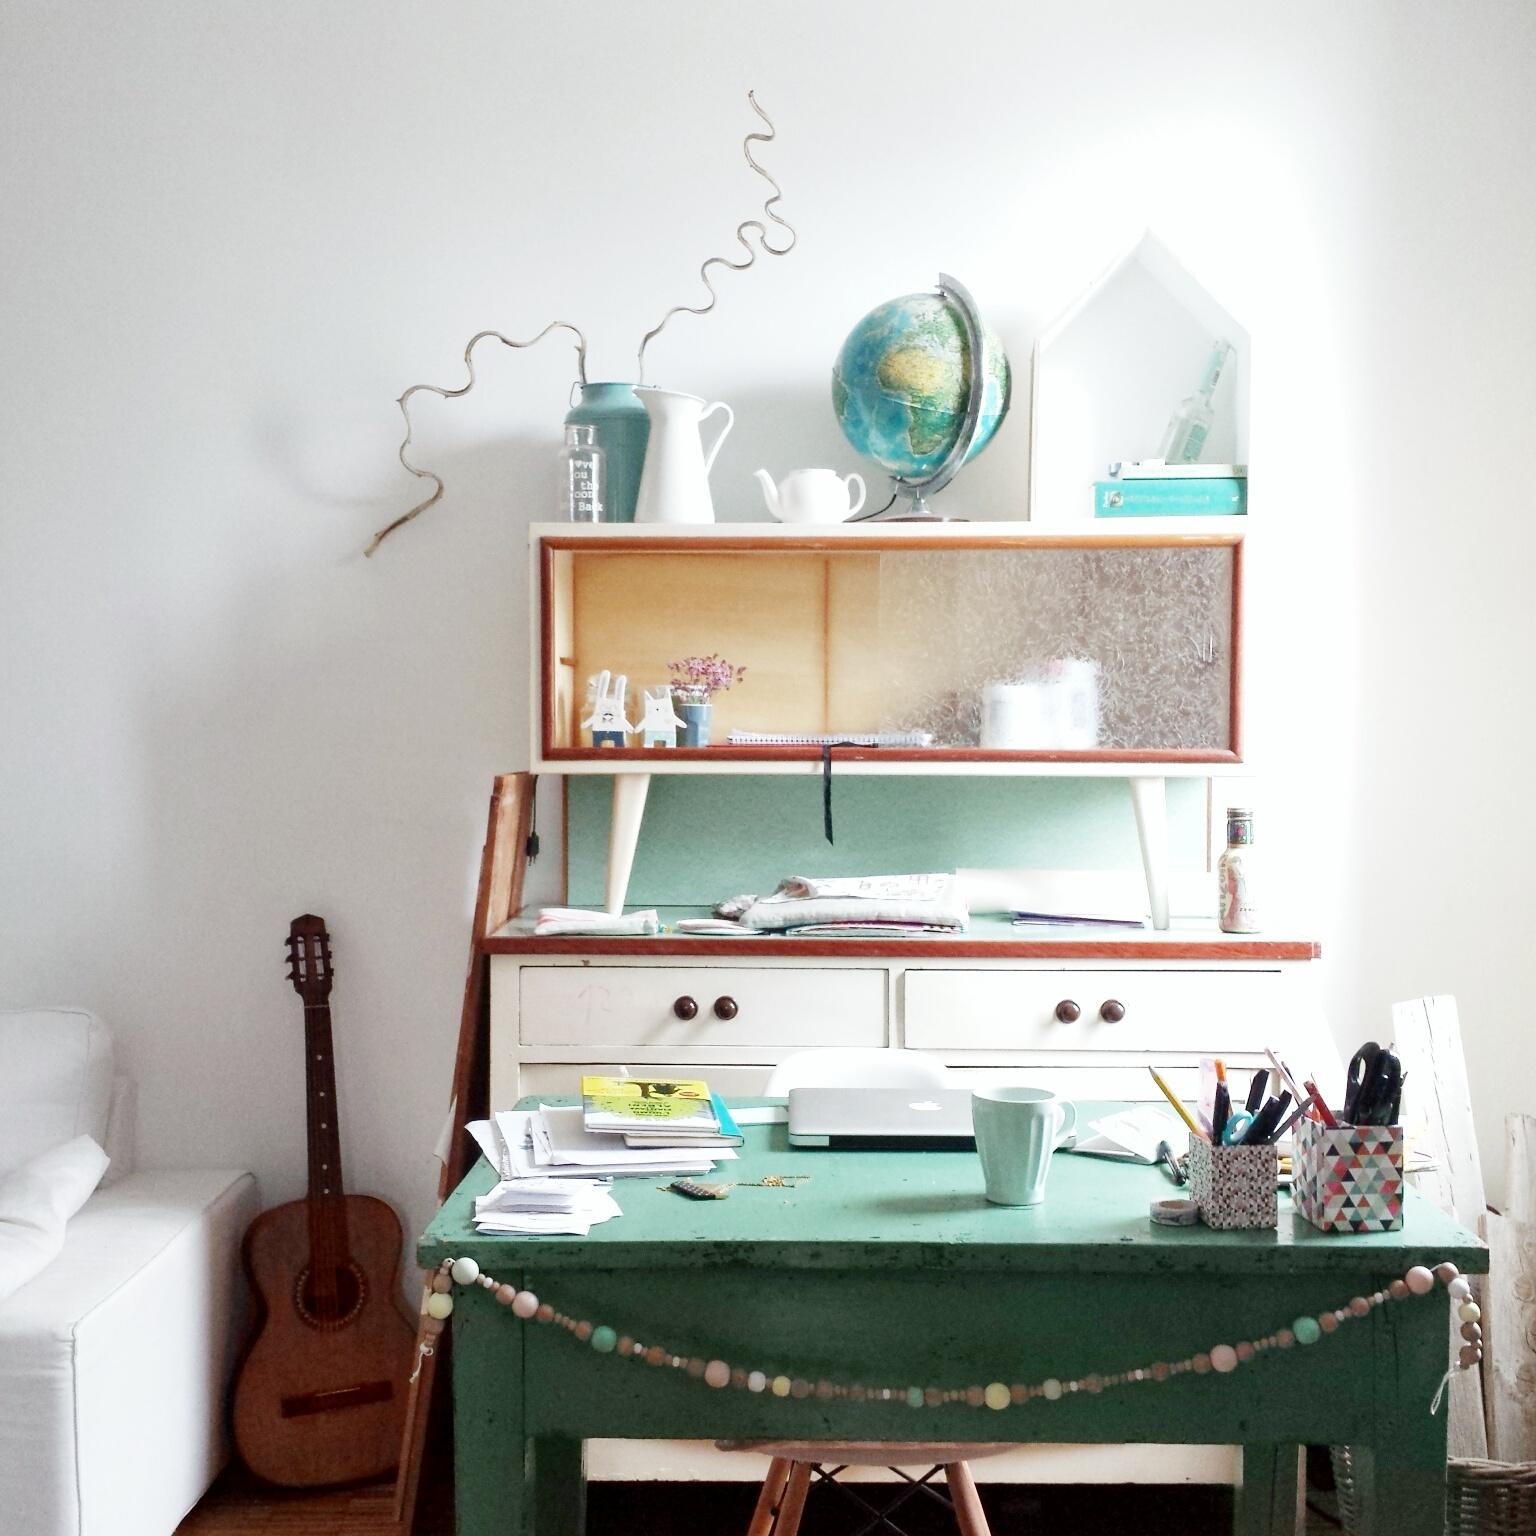 6 consigli per comprare vecchi mobili da recuperare • Tulimami